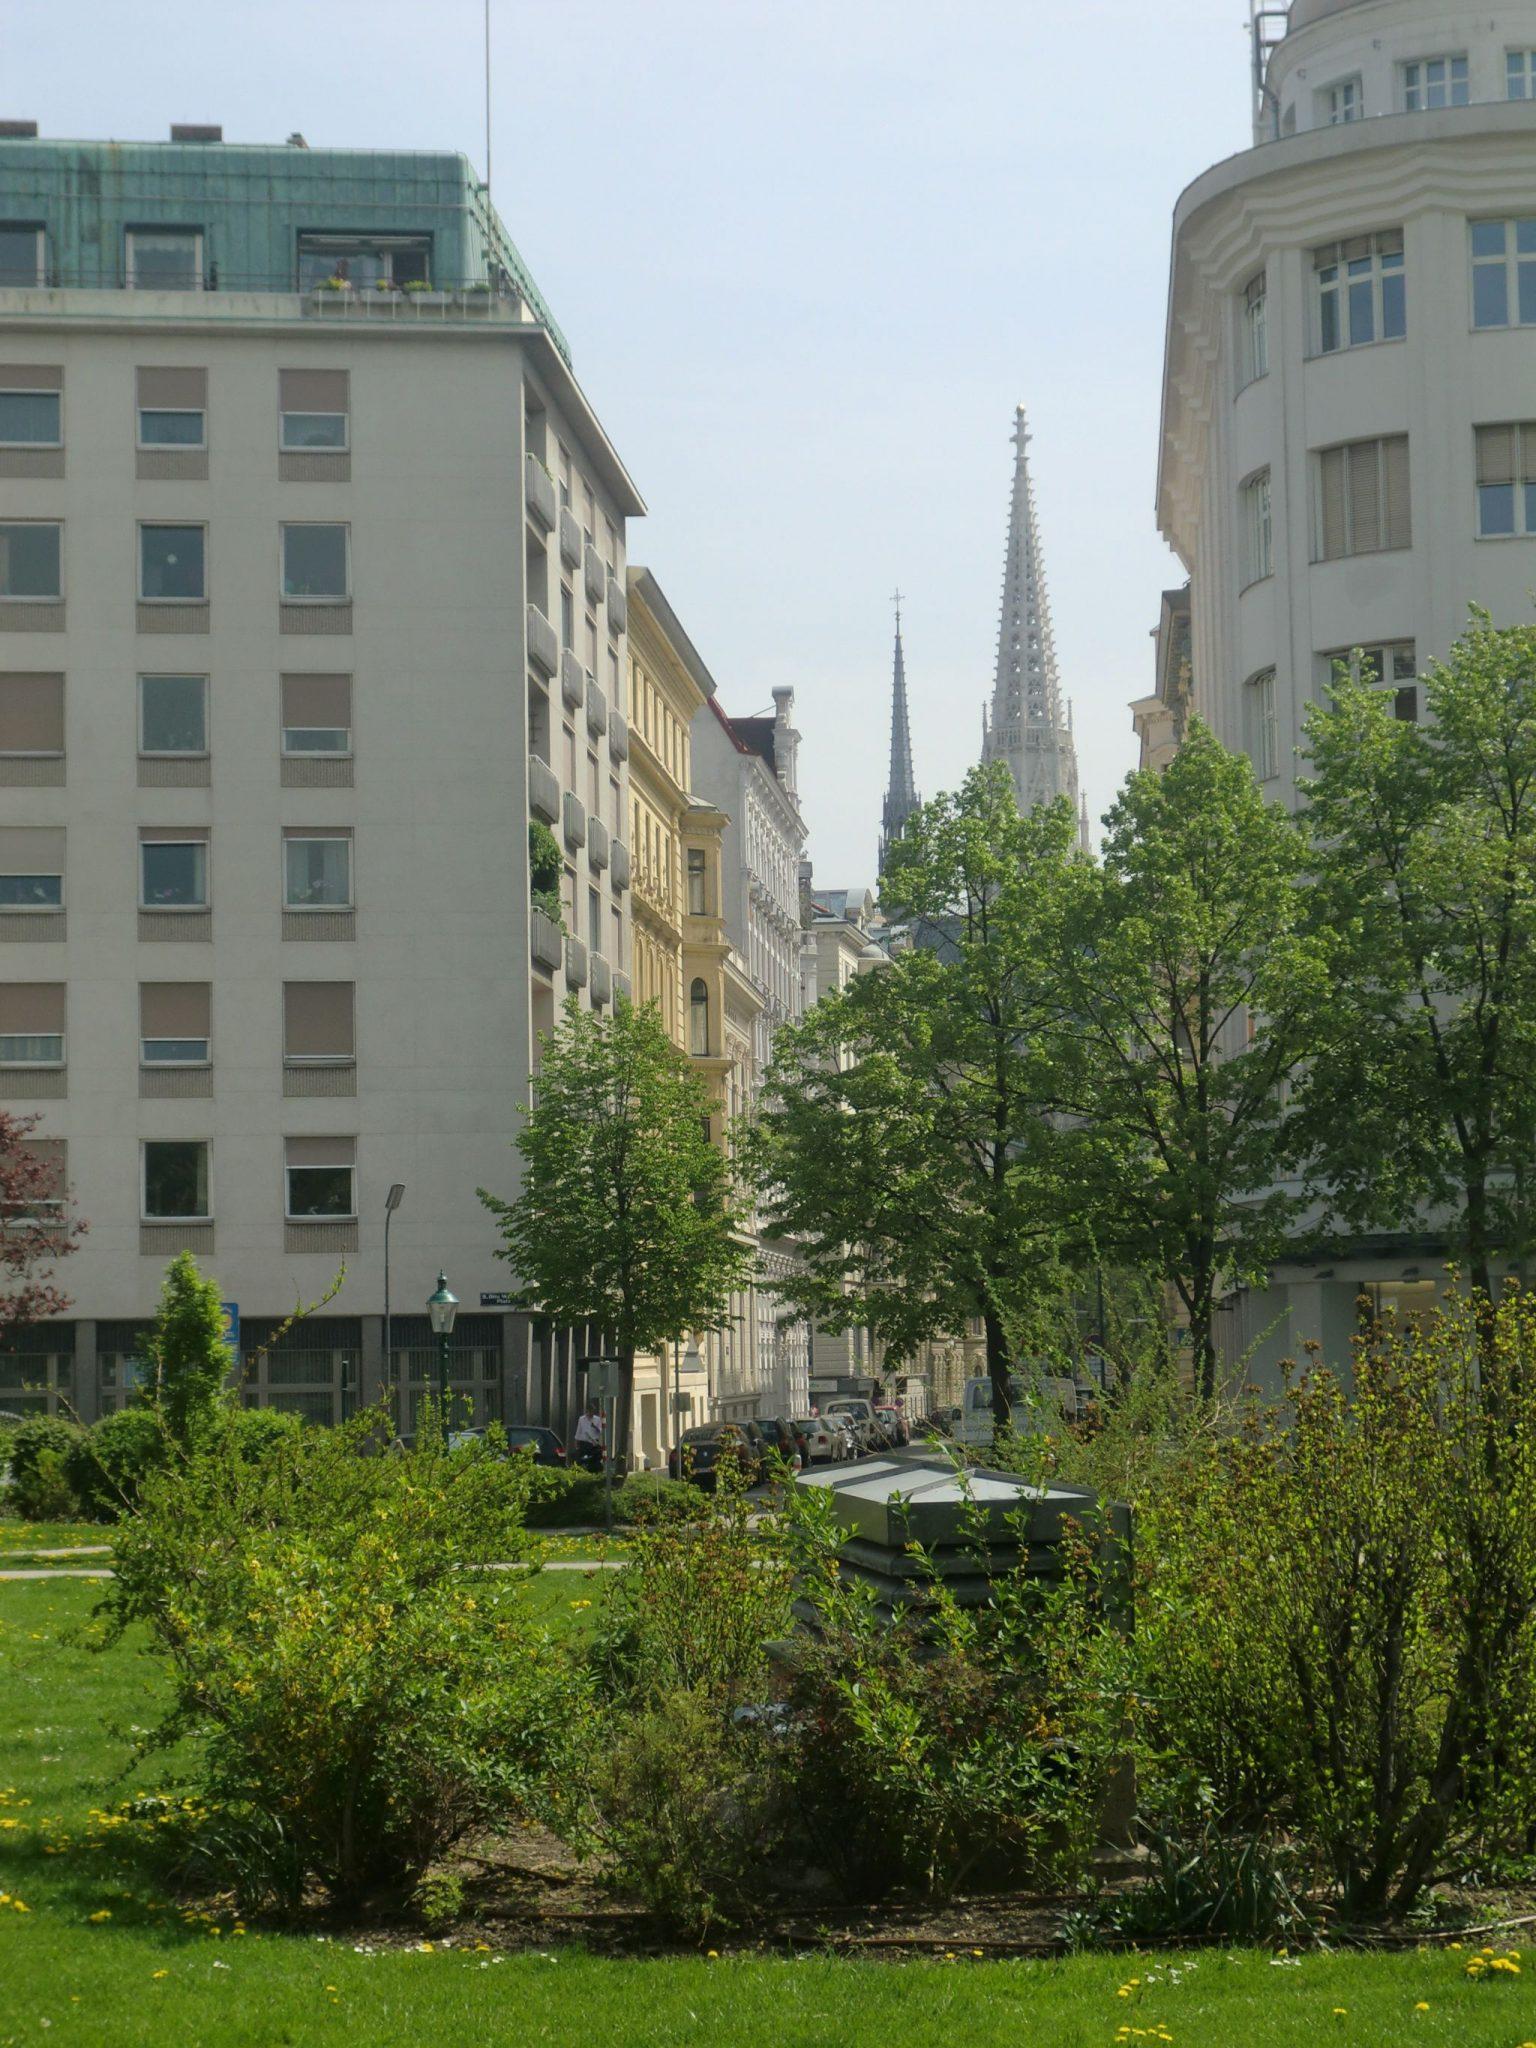 Vienna park 1 1440x1920 - Vienna: elegant beauty